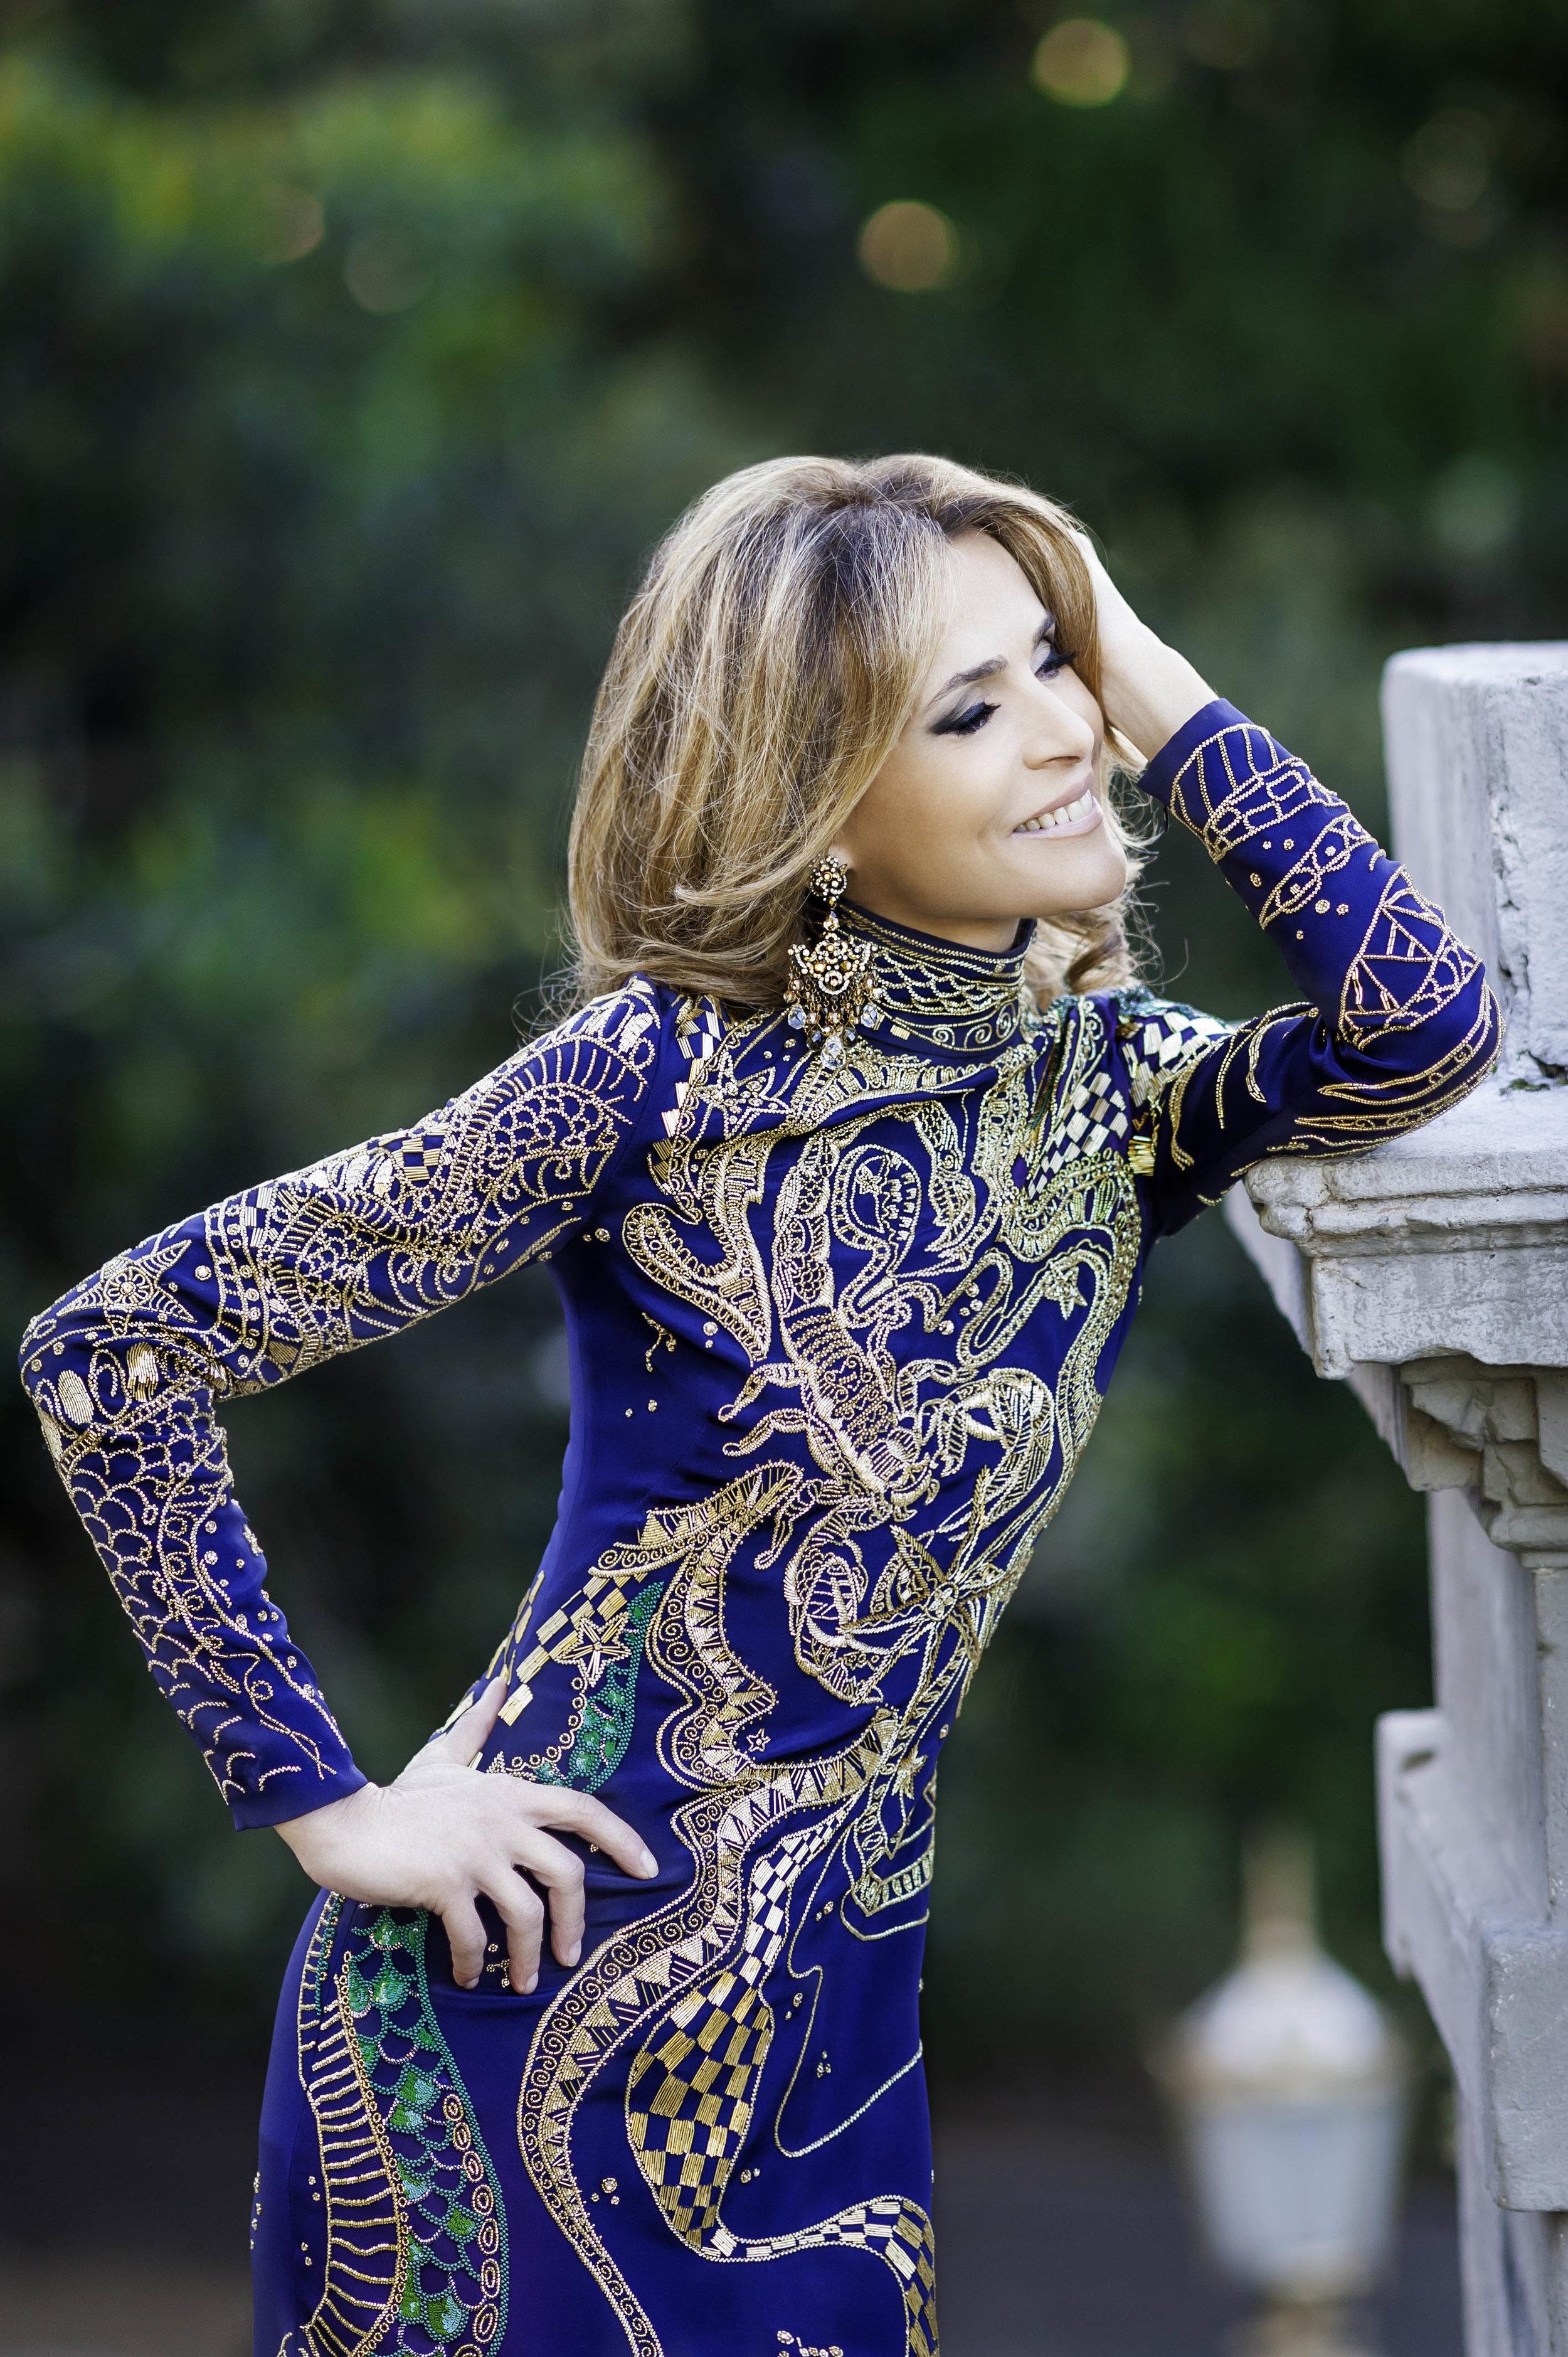 Emilio Pucci  Zodiac Printed Dress